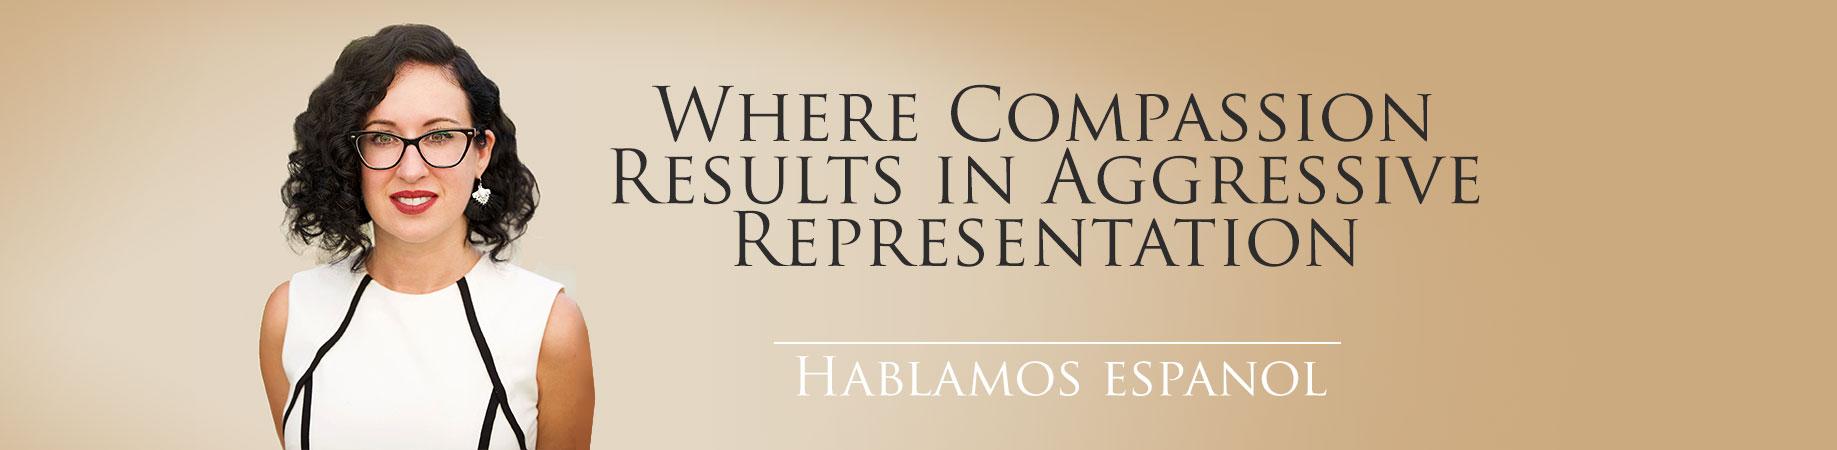 Where Compassion Results in Aggressive Representation